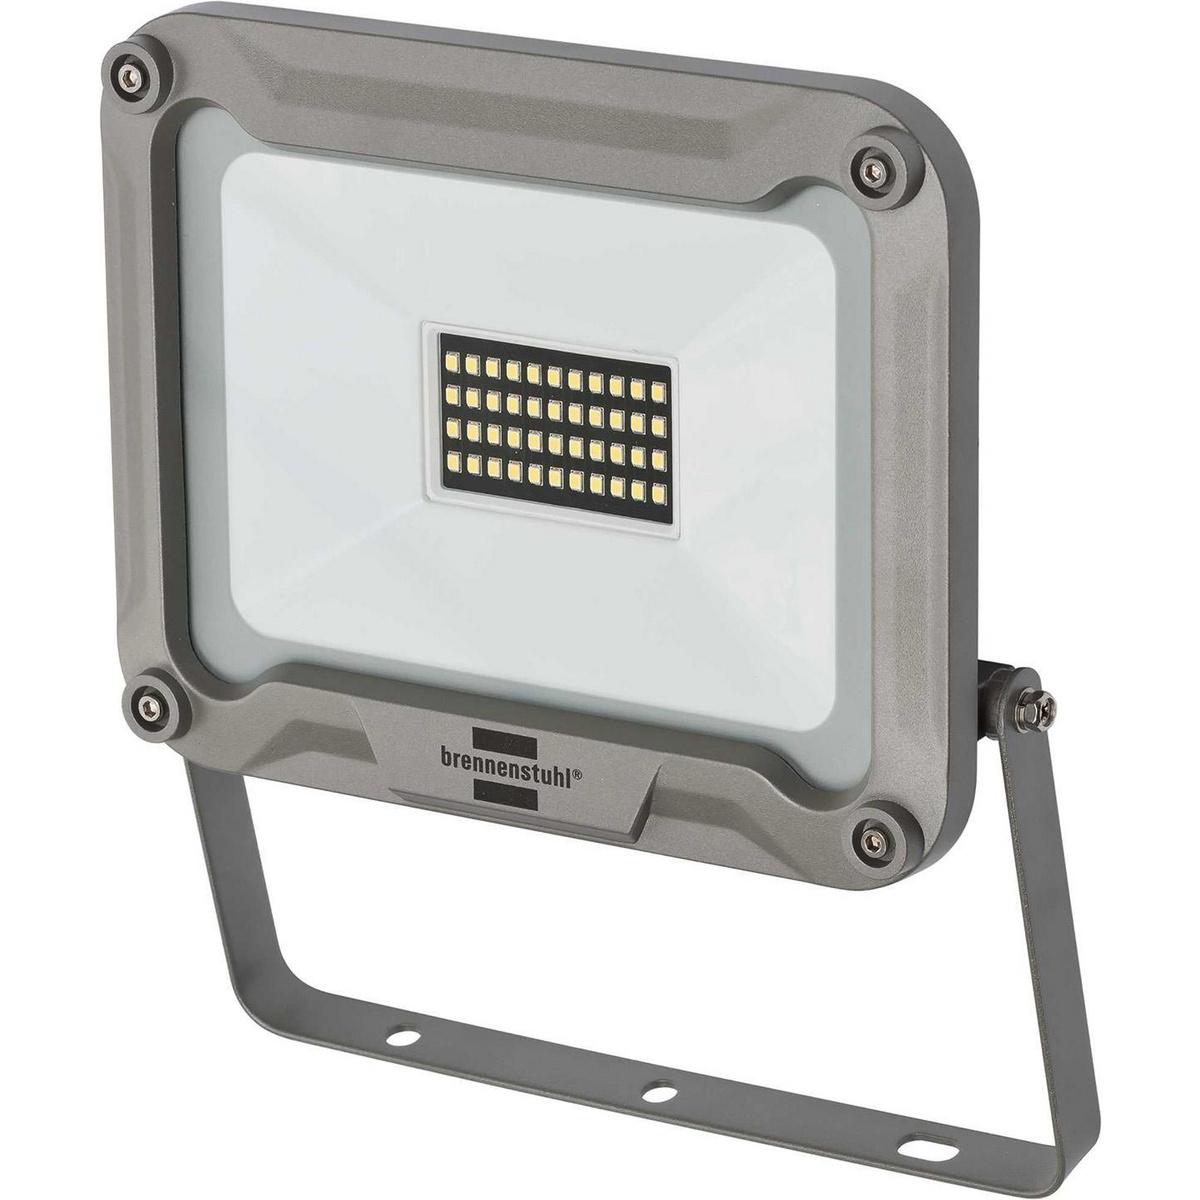 Geeignet für Innen- und Außenaufstellung, IP 65. Leistungsstarke 30-WLED-Lampe mit Chip zur Wandmontage, mit extra breiter Lichtverteilung zur Beleuchtung einer großen Fläche. Ideal für Bastler, Werkstätten und Baustellen. Beleuchtete Eingänge zu Häusern,